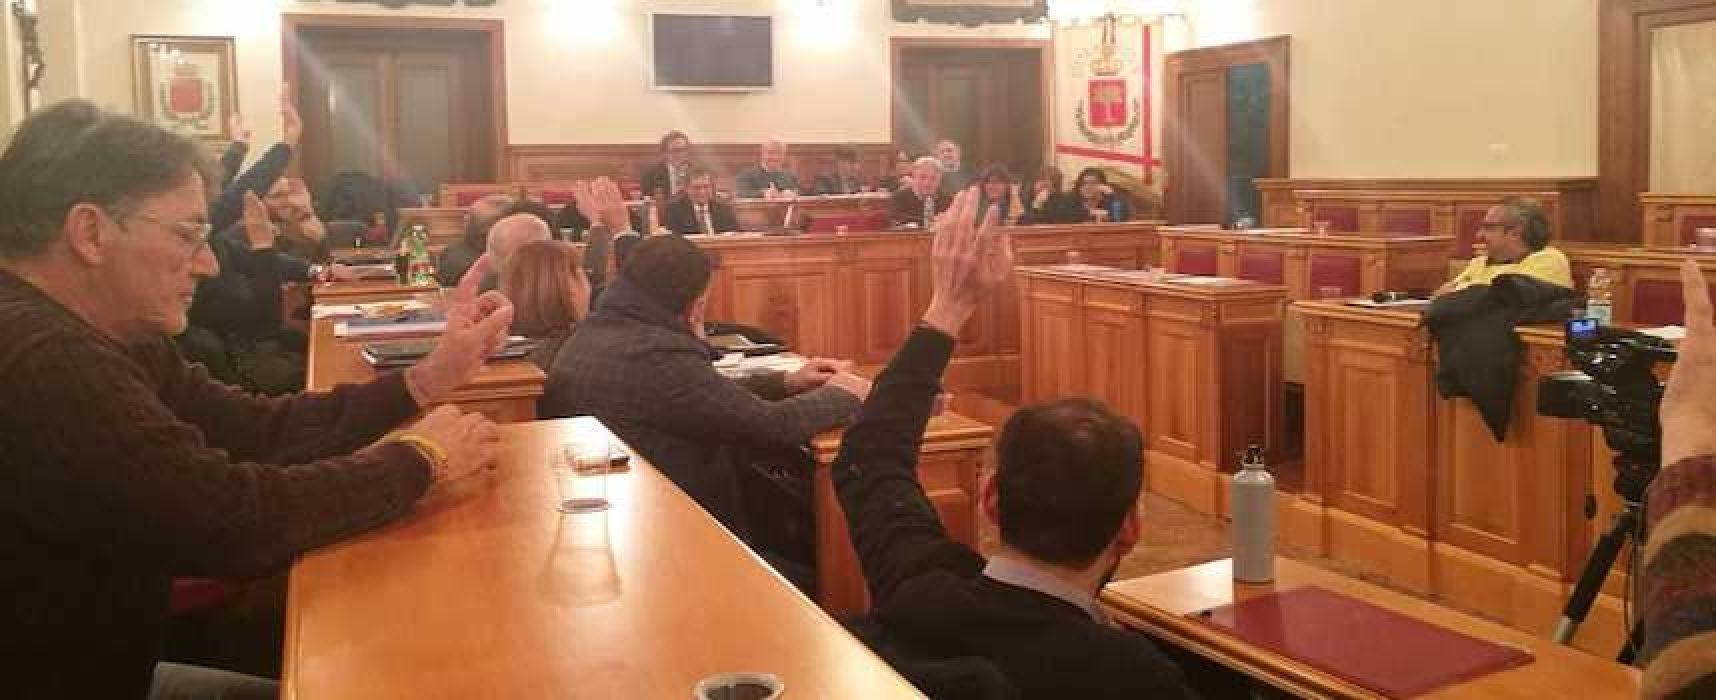 Consiglio comunale, maggioranza approva rendiconto esercizio 2018